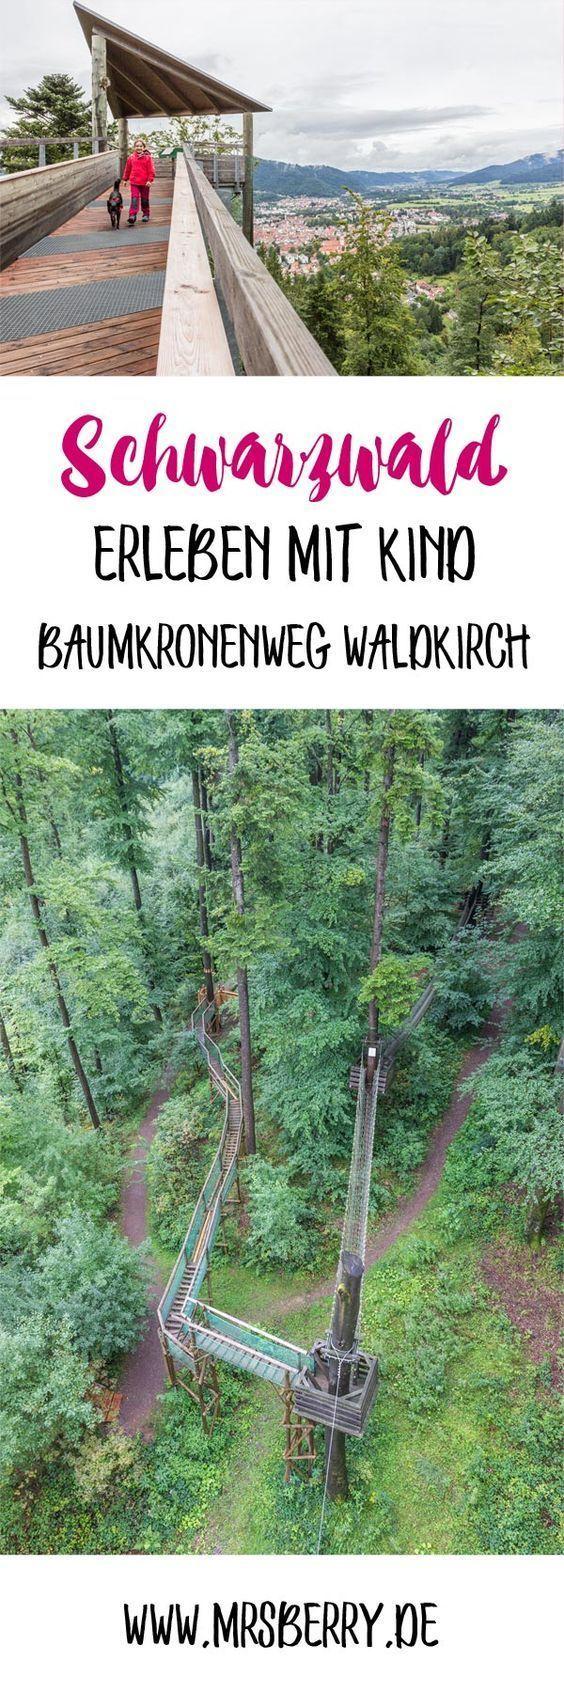 Urlaub single mit kind schwarzwald